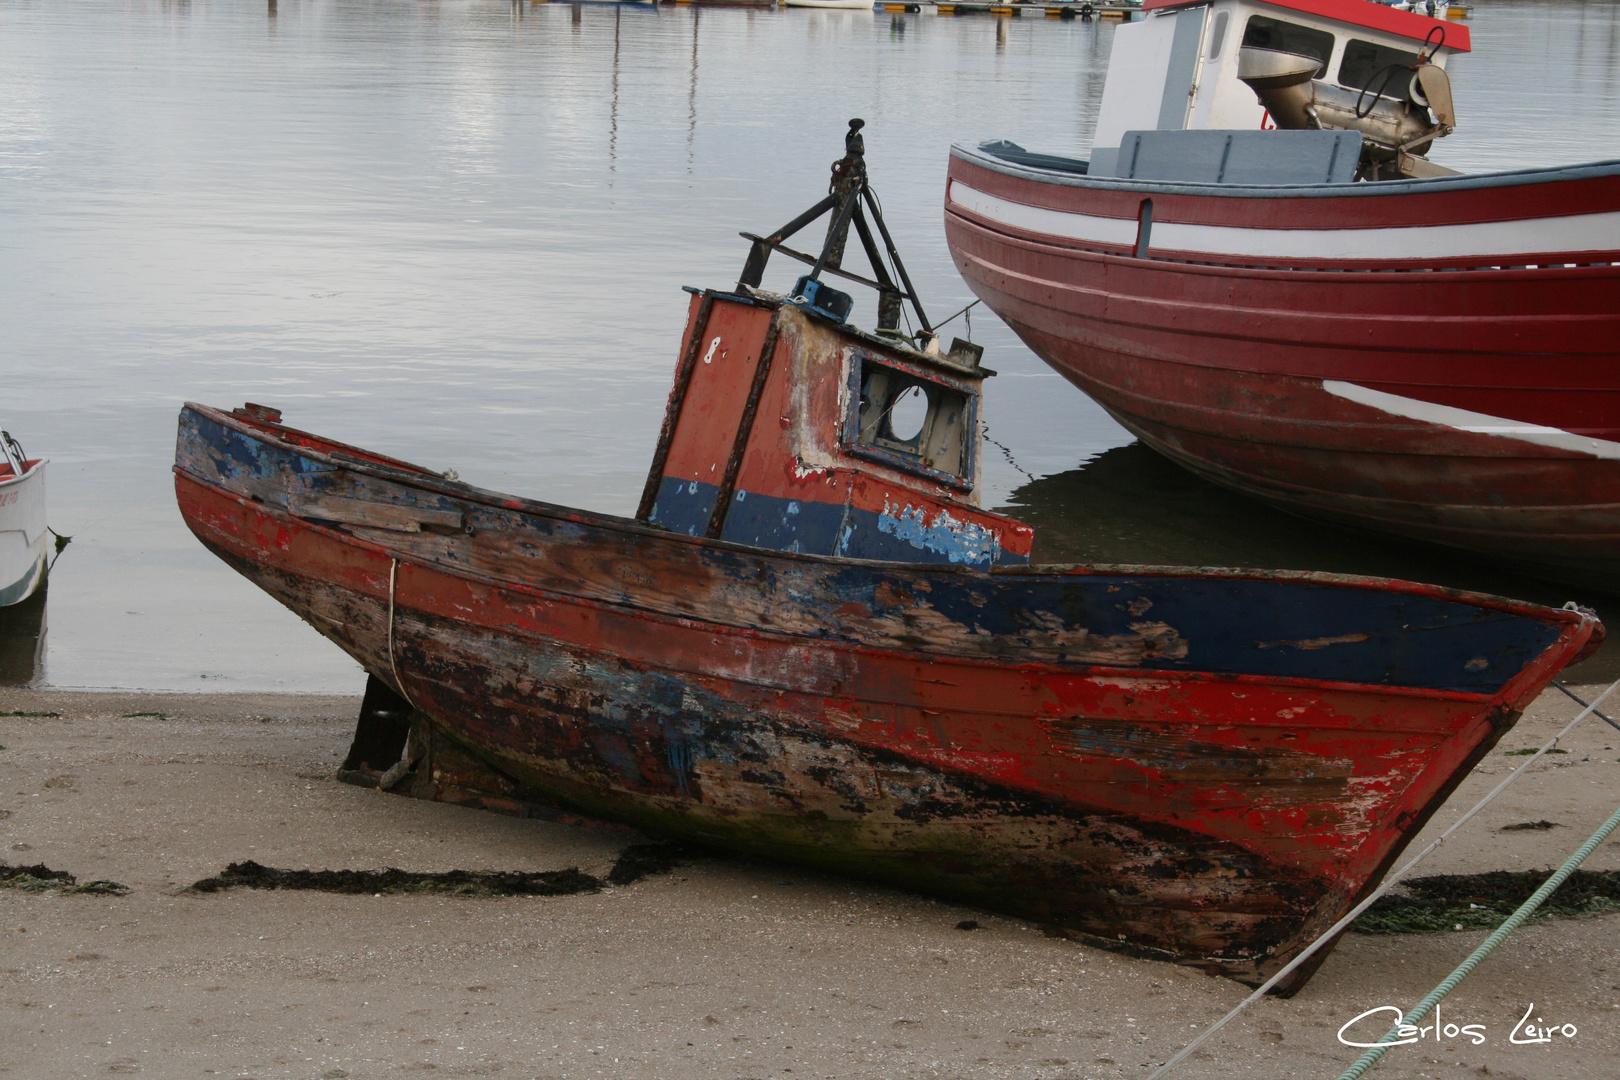 Barco en la playa. Cambados